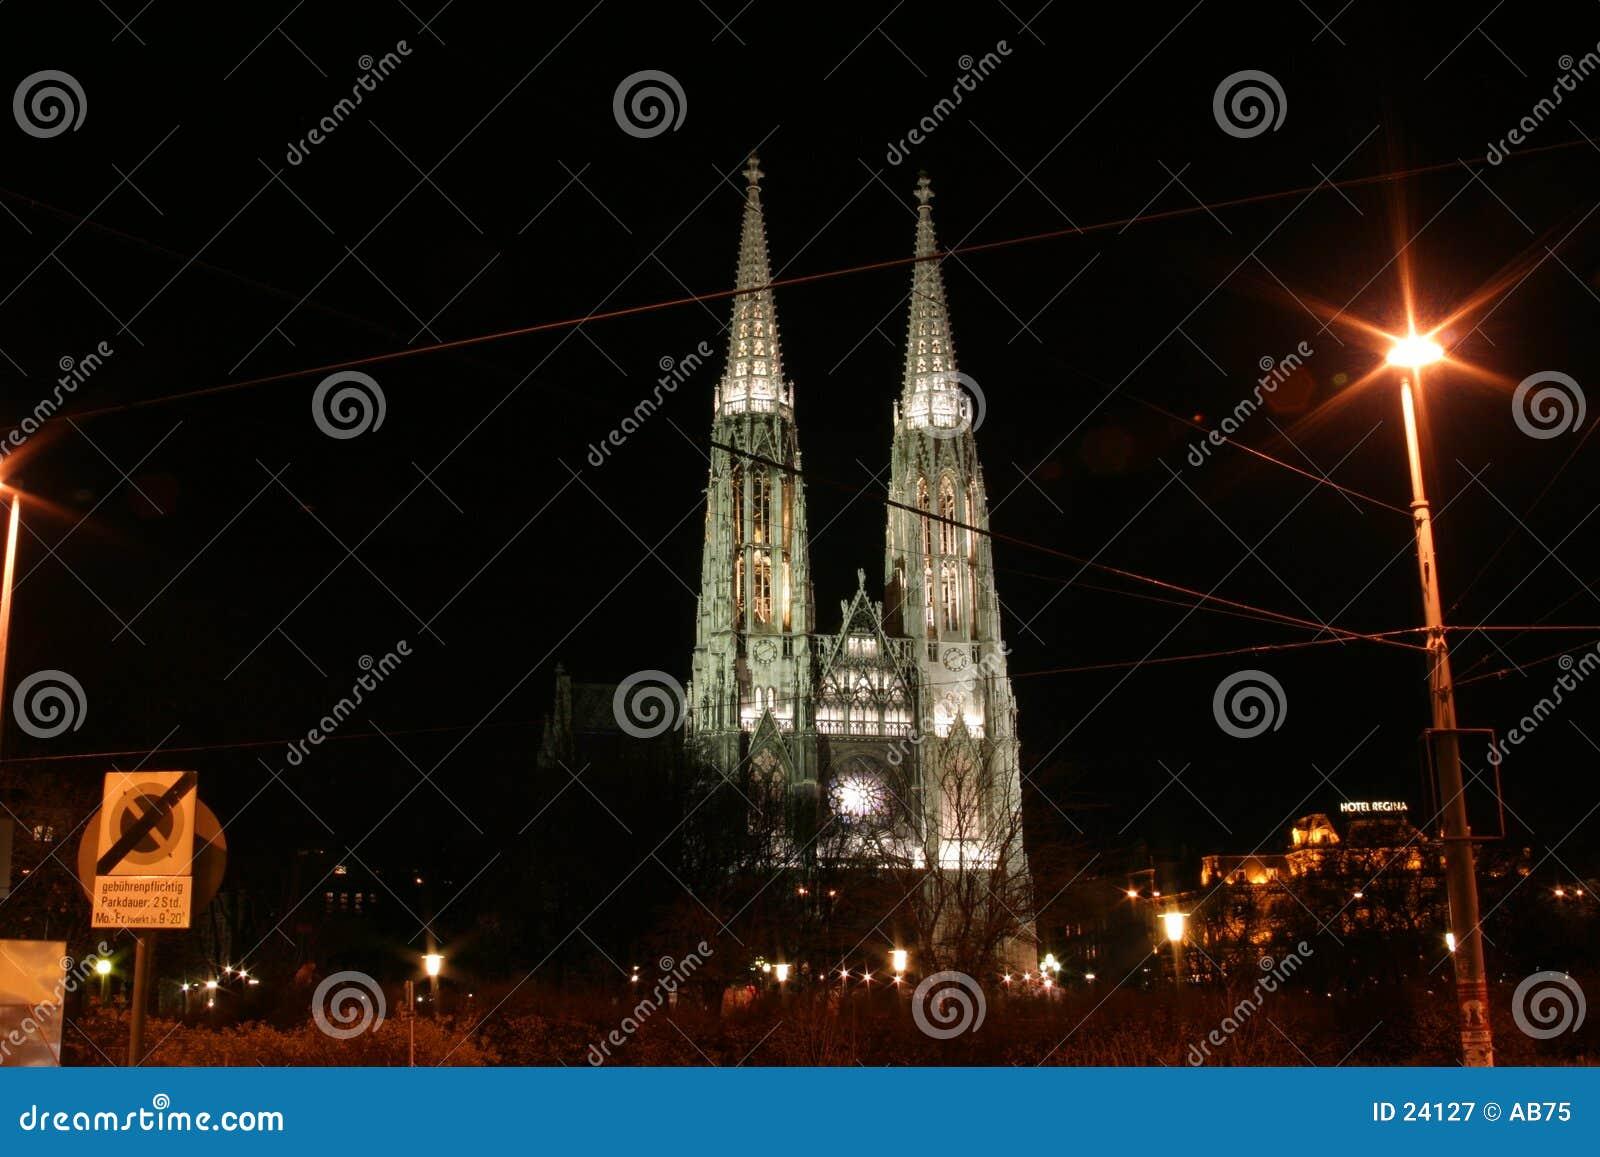 Church in Vienna - Votiv Kirche